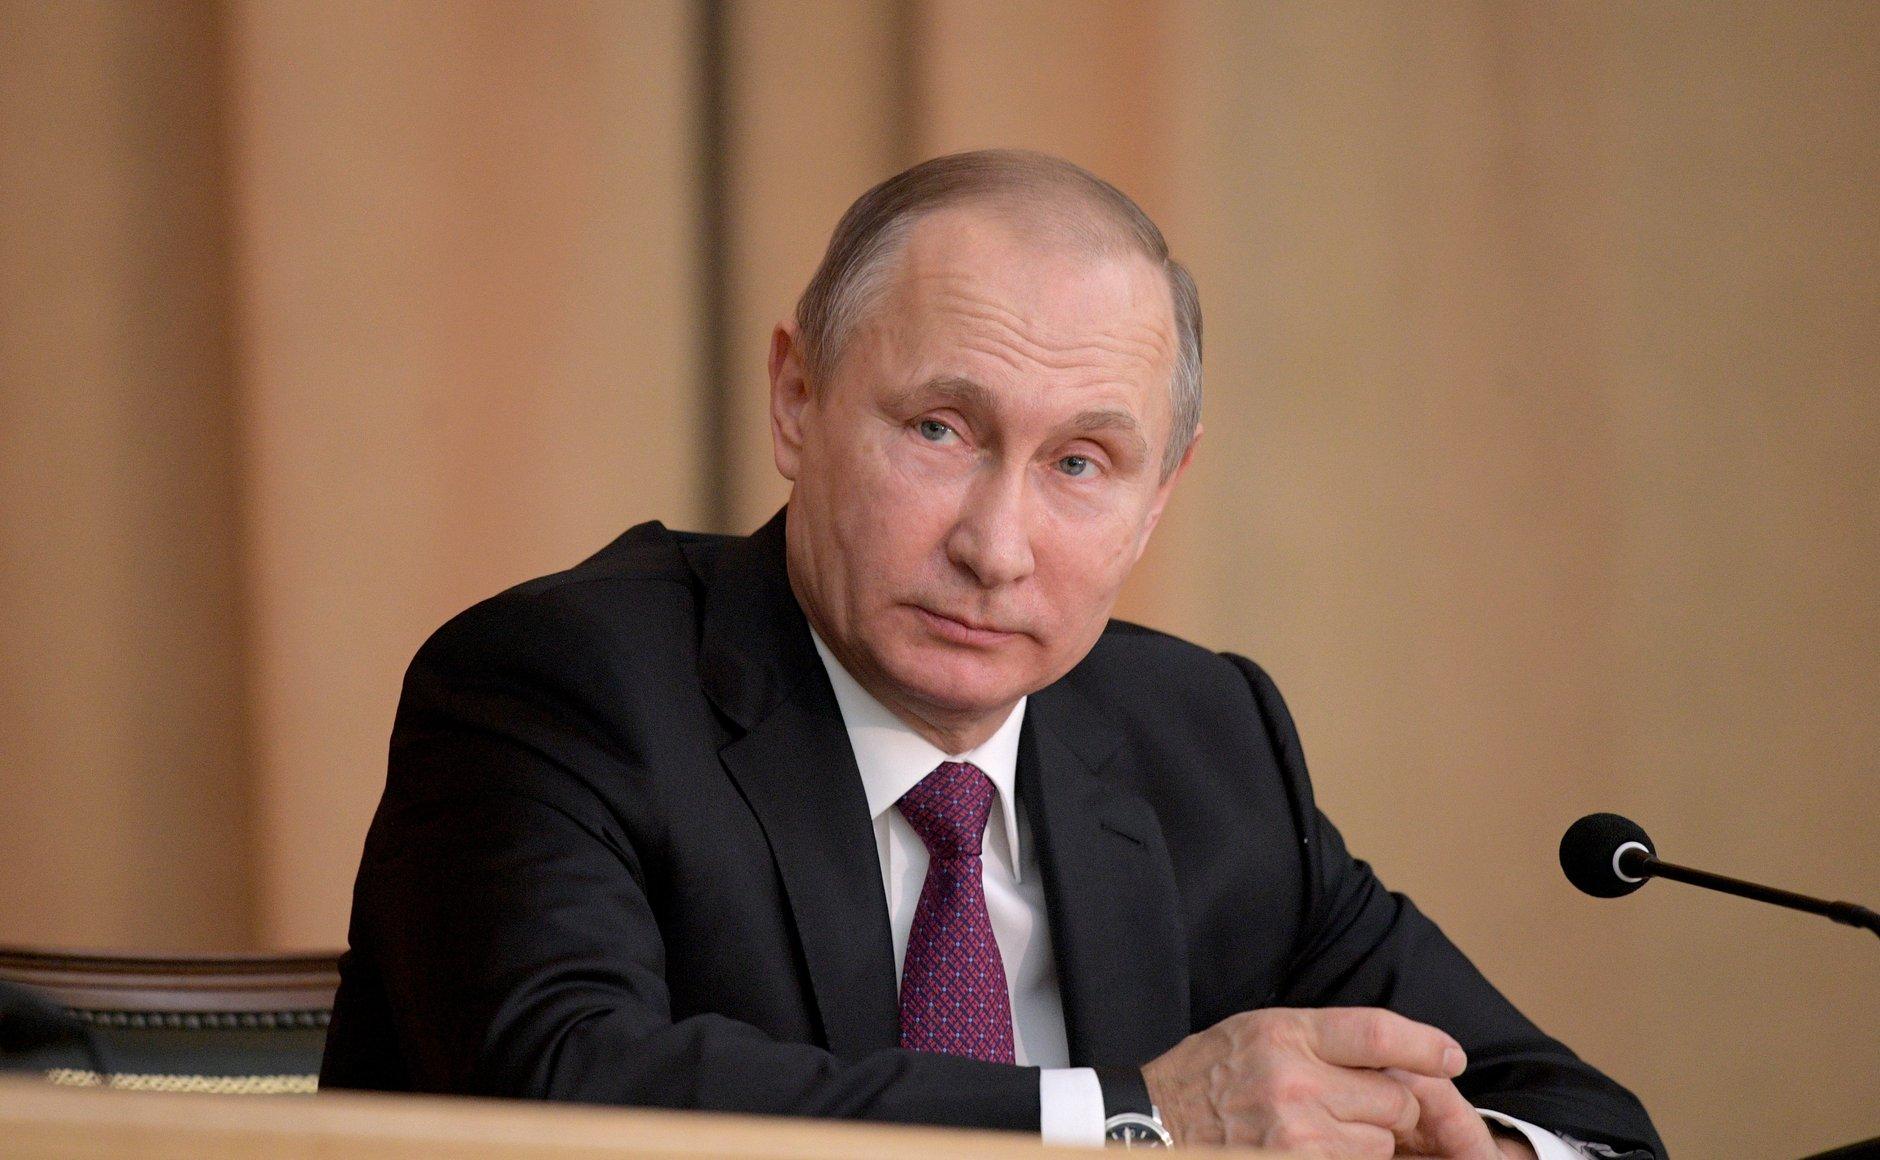 Presiden Rusia Vladimir Putin mengatakan bahwa negaranya selalu menghargai kepentingan negara lain.